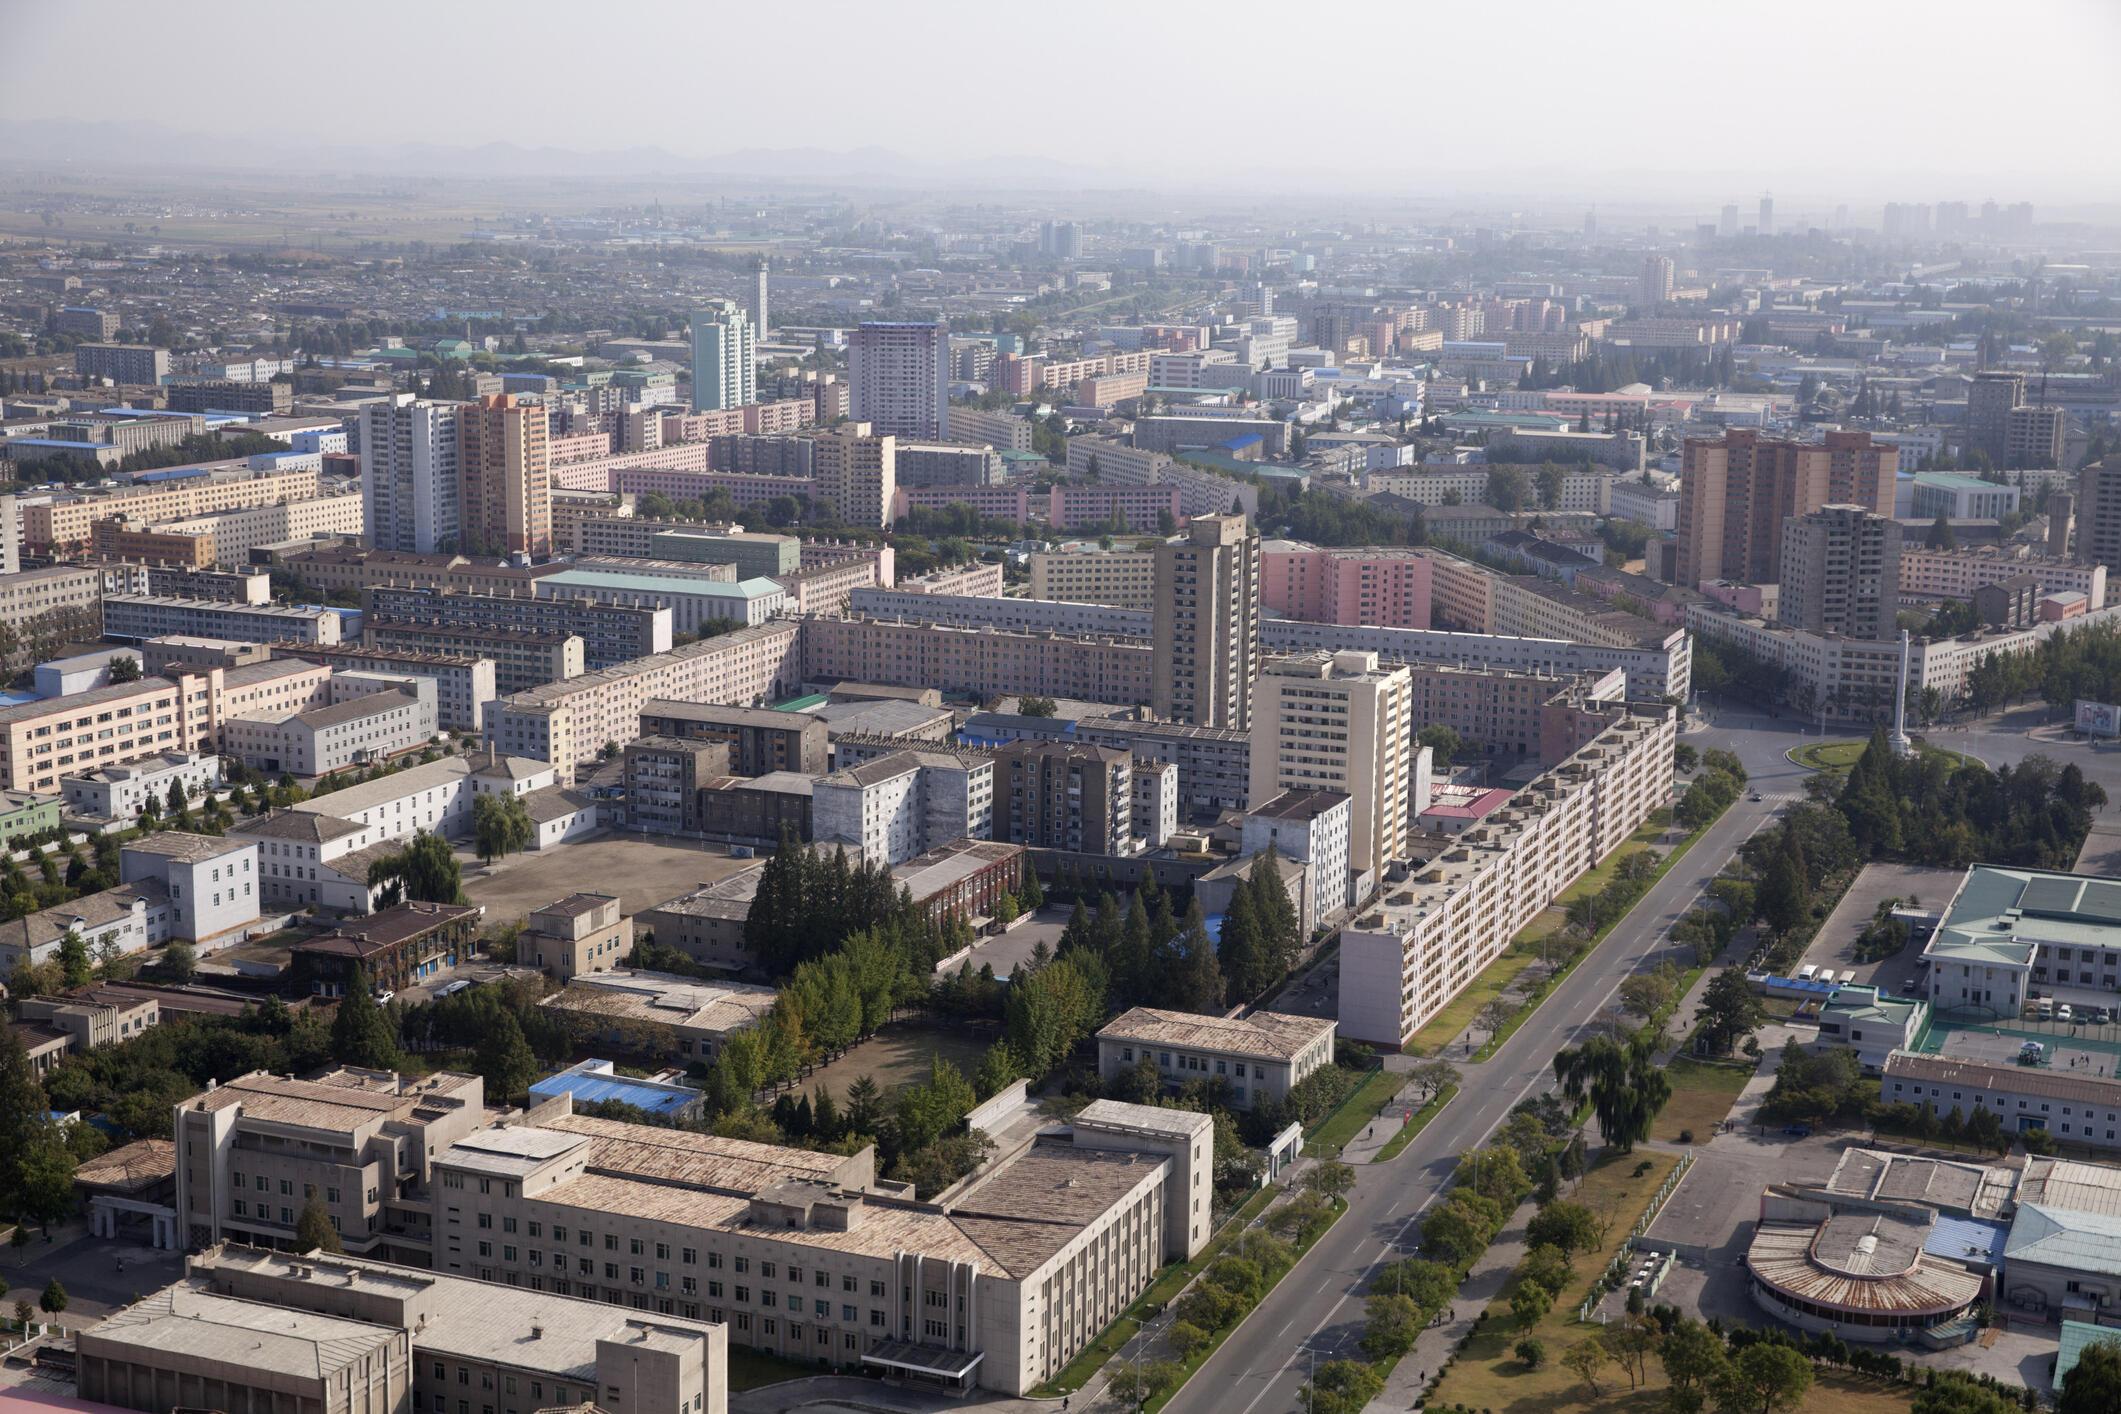 Vue générale de Pyongyang, capitale de Corée du Nord (image d'illustration).